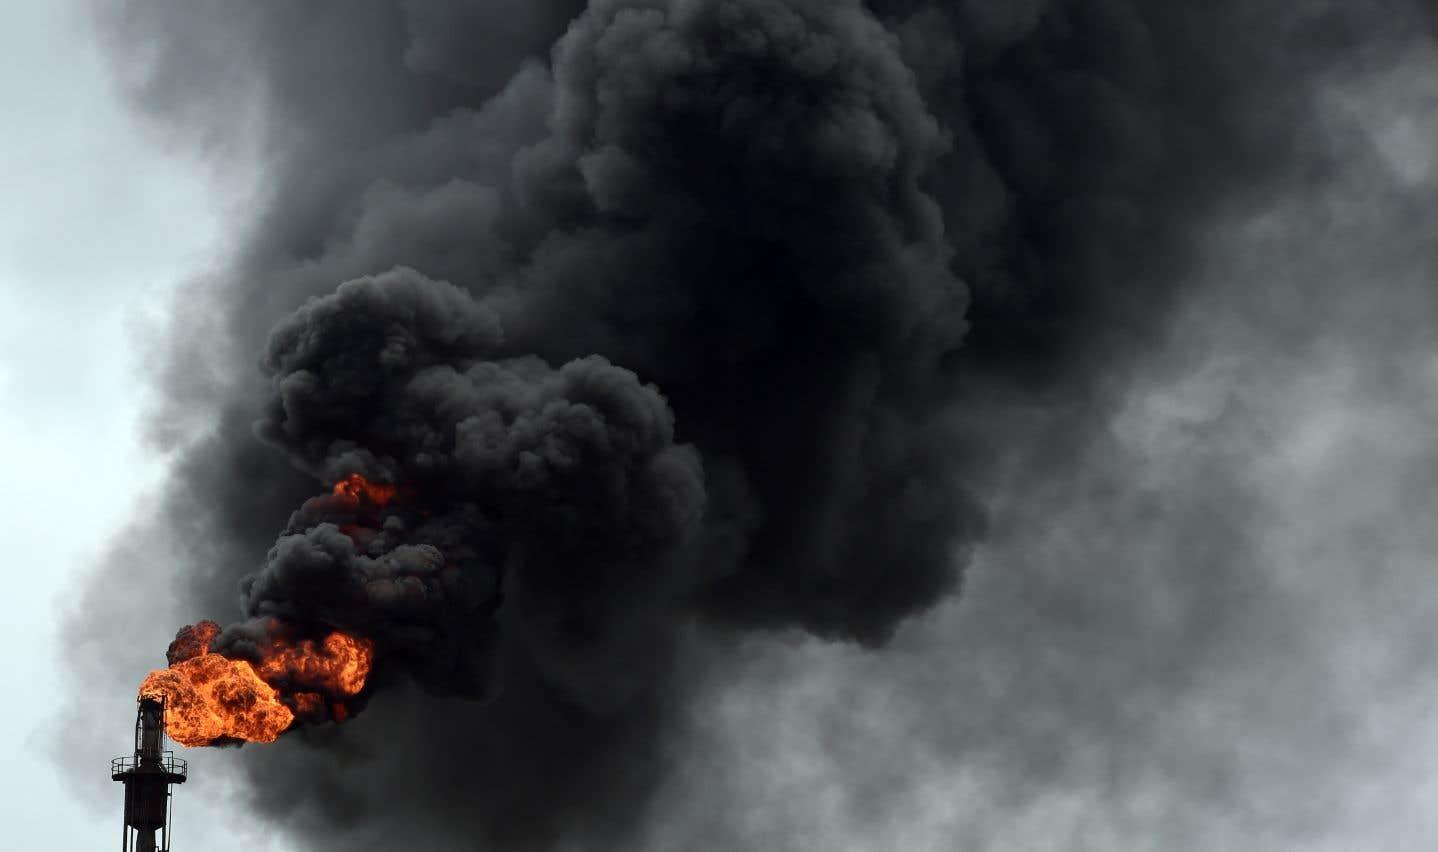 Climat: écart «catastrophique» entre promesses et actions, selon l'ONU